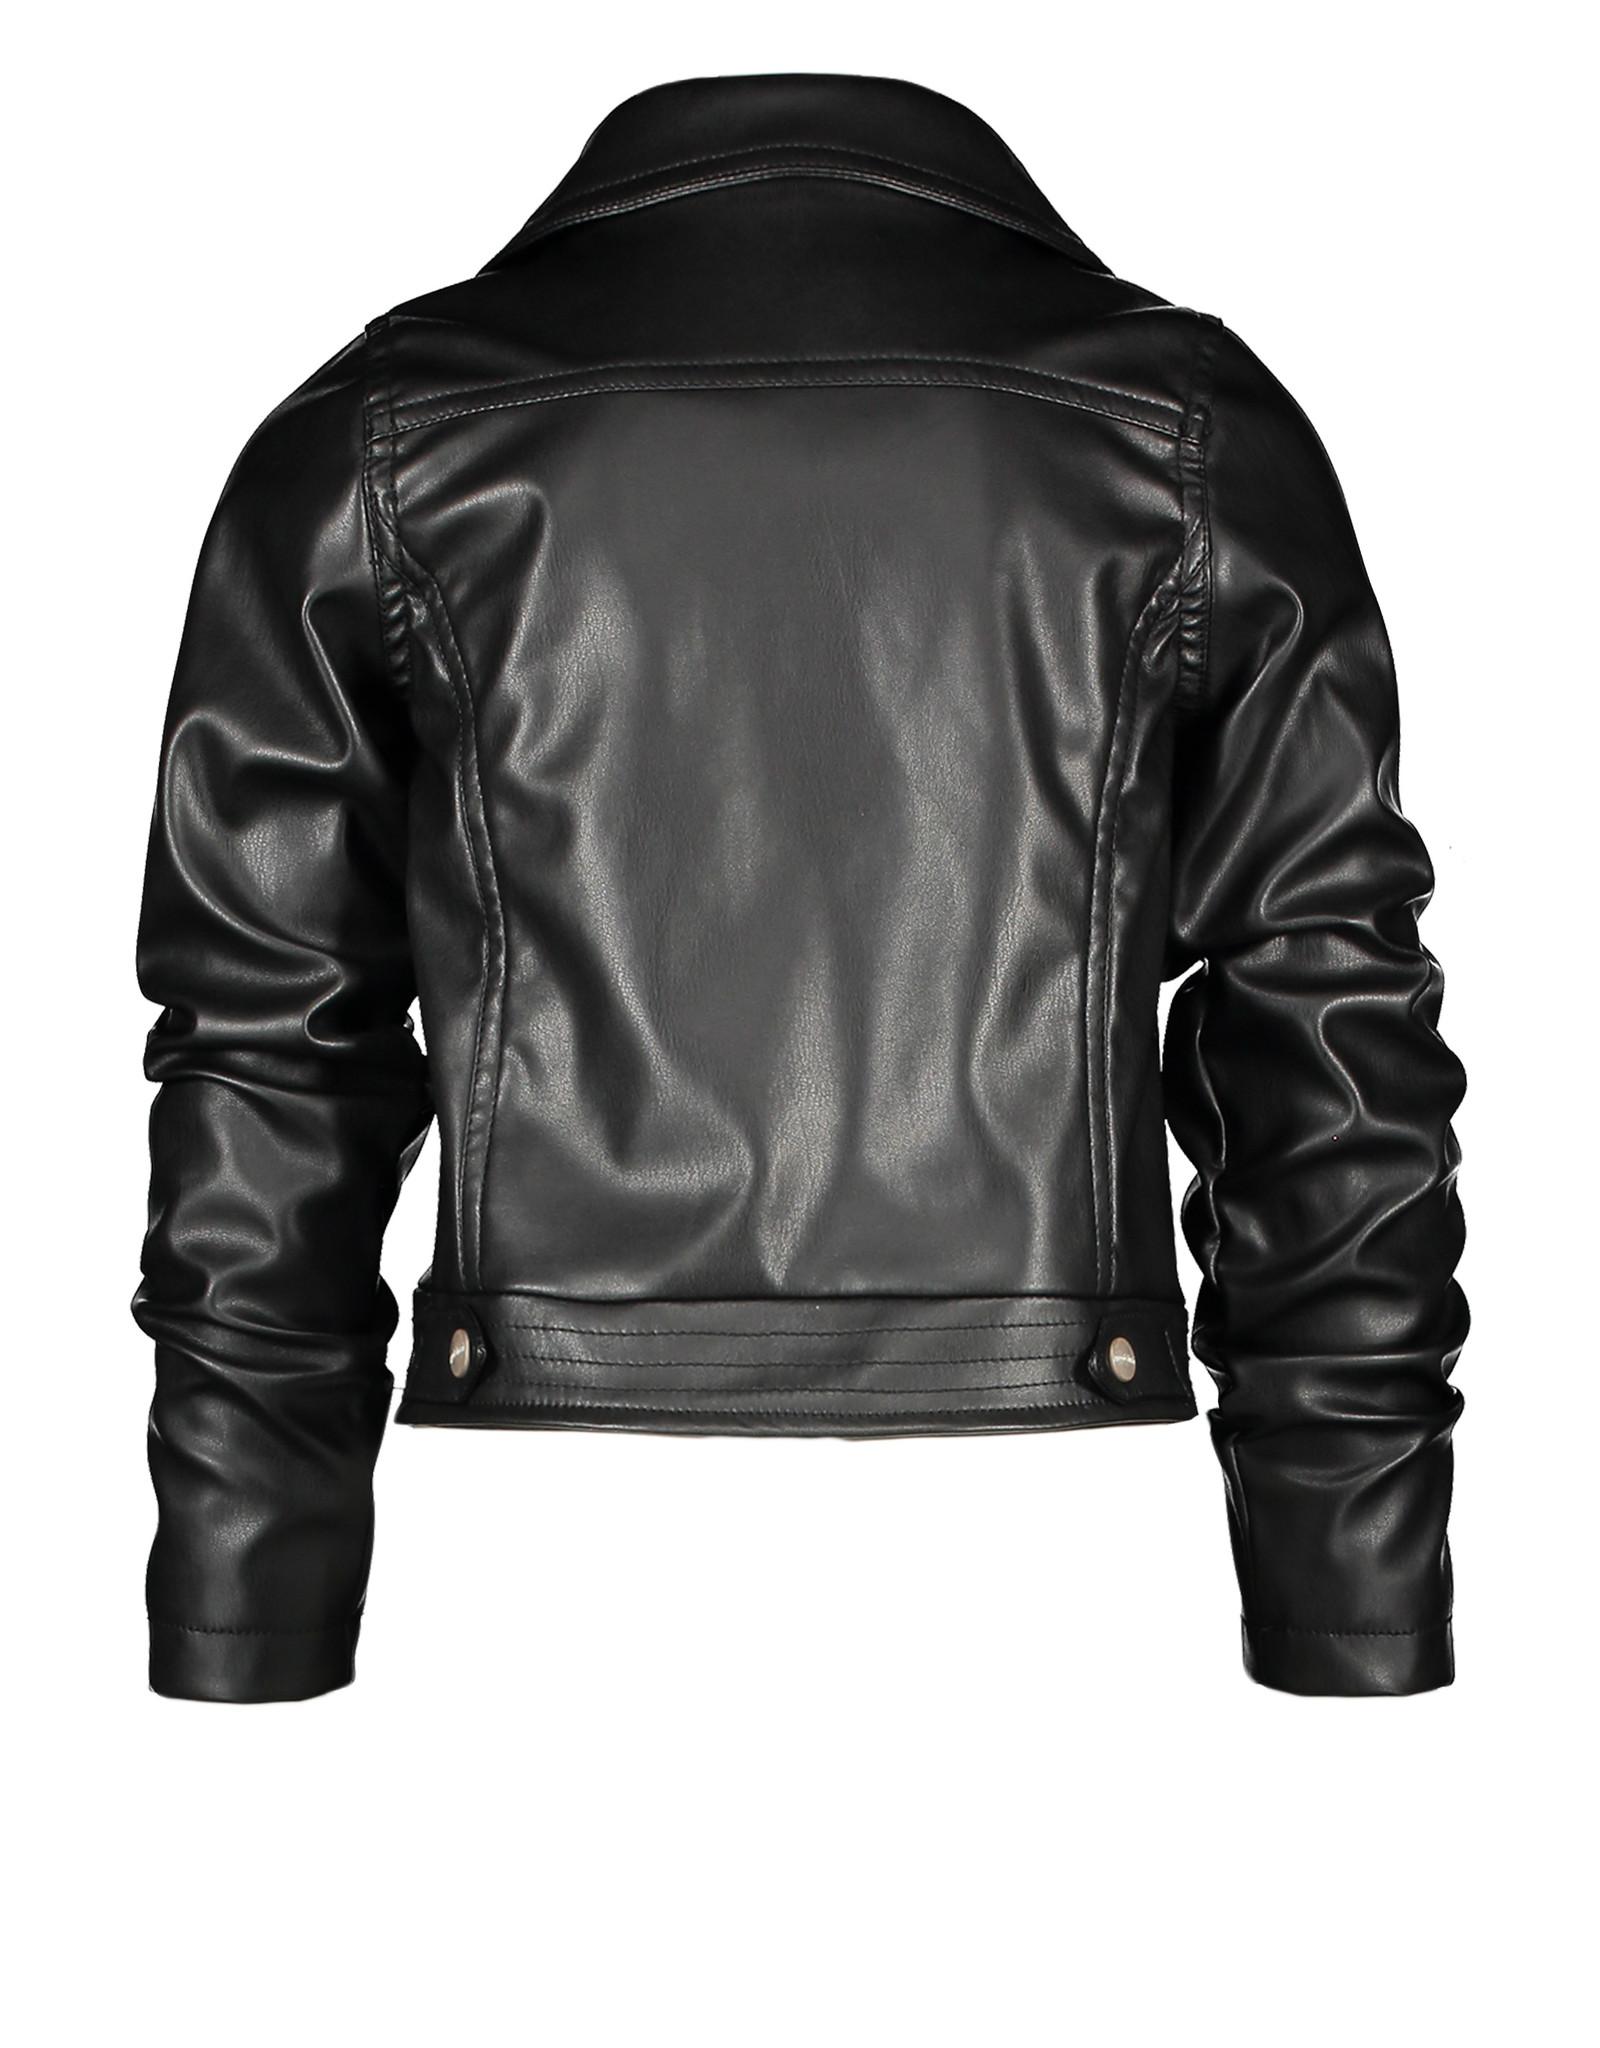 Moodstreet MT PU bikerjacket, Black